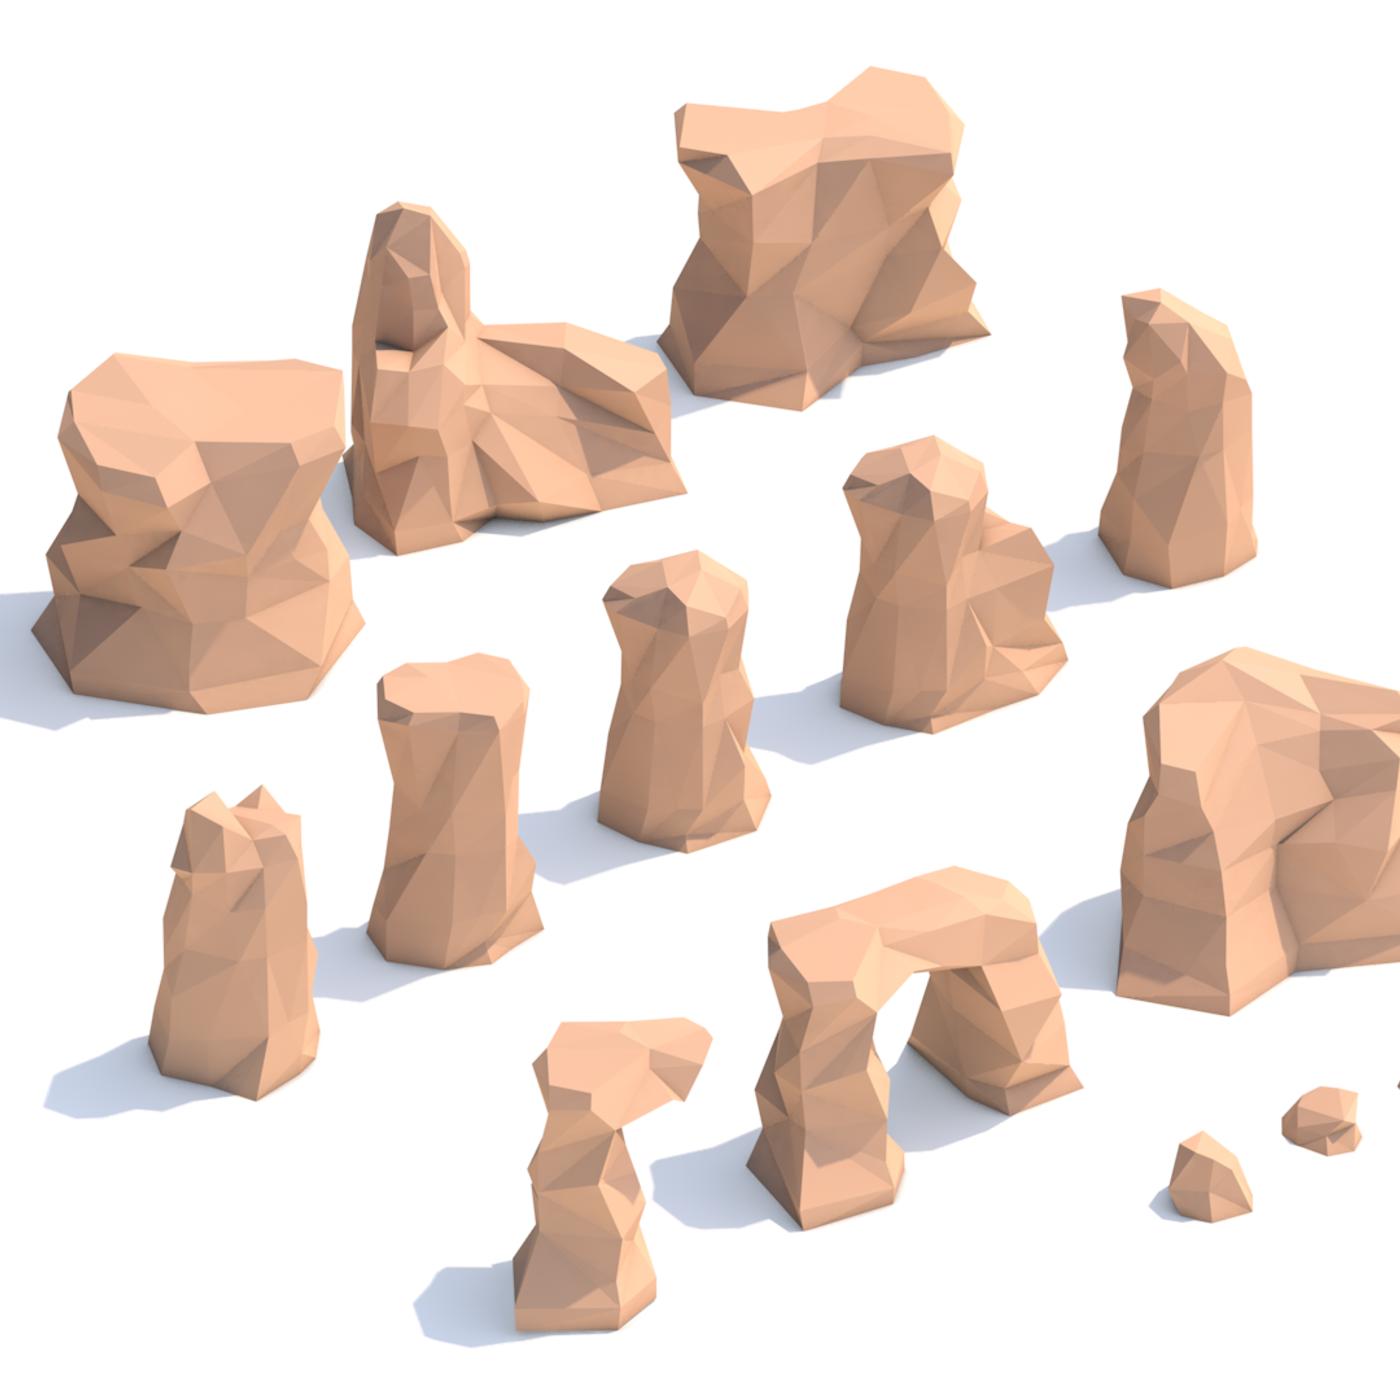 Lowpoly desert rocks - cartoon rock set